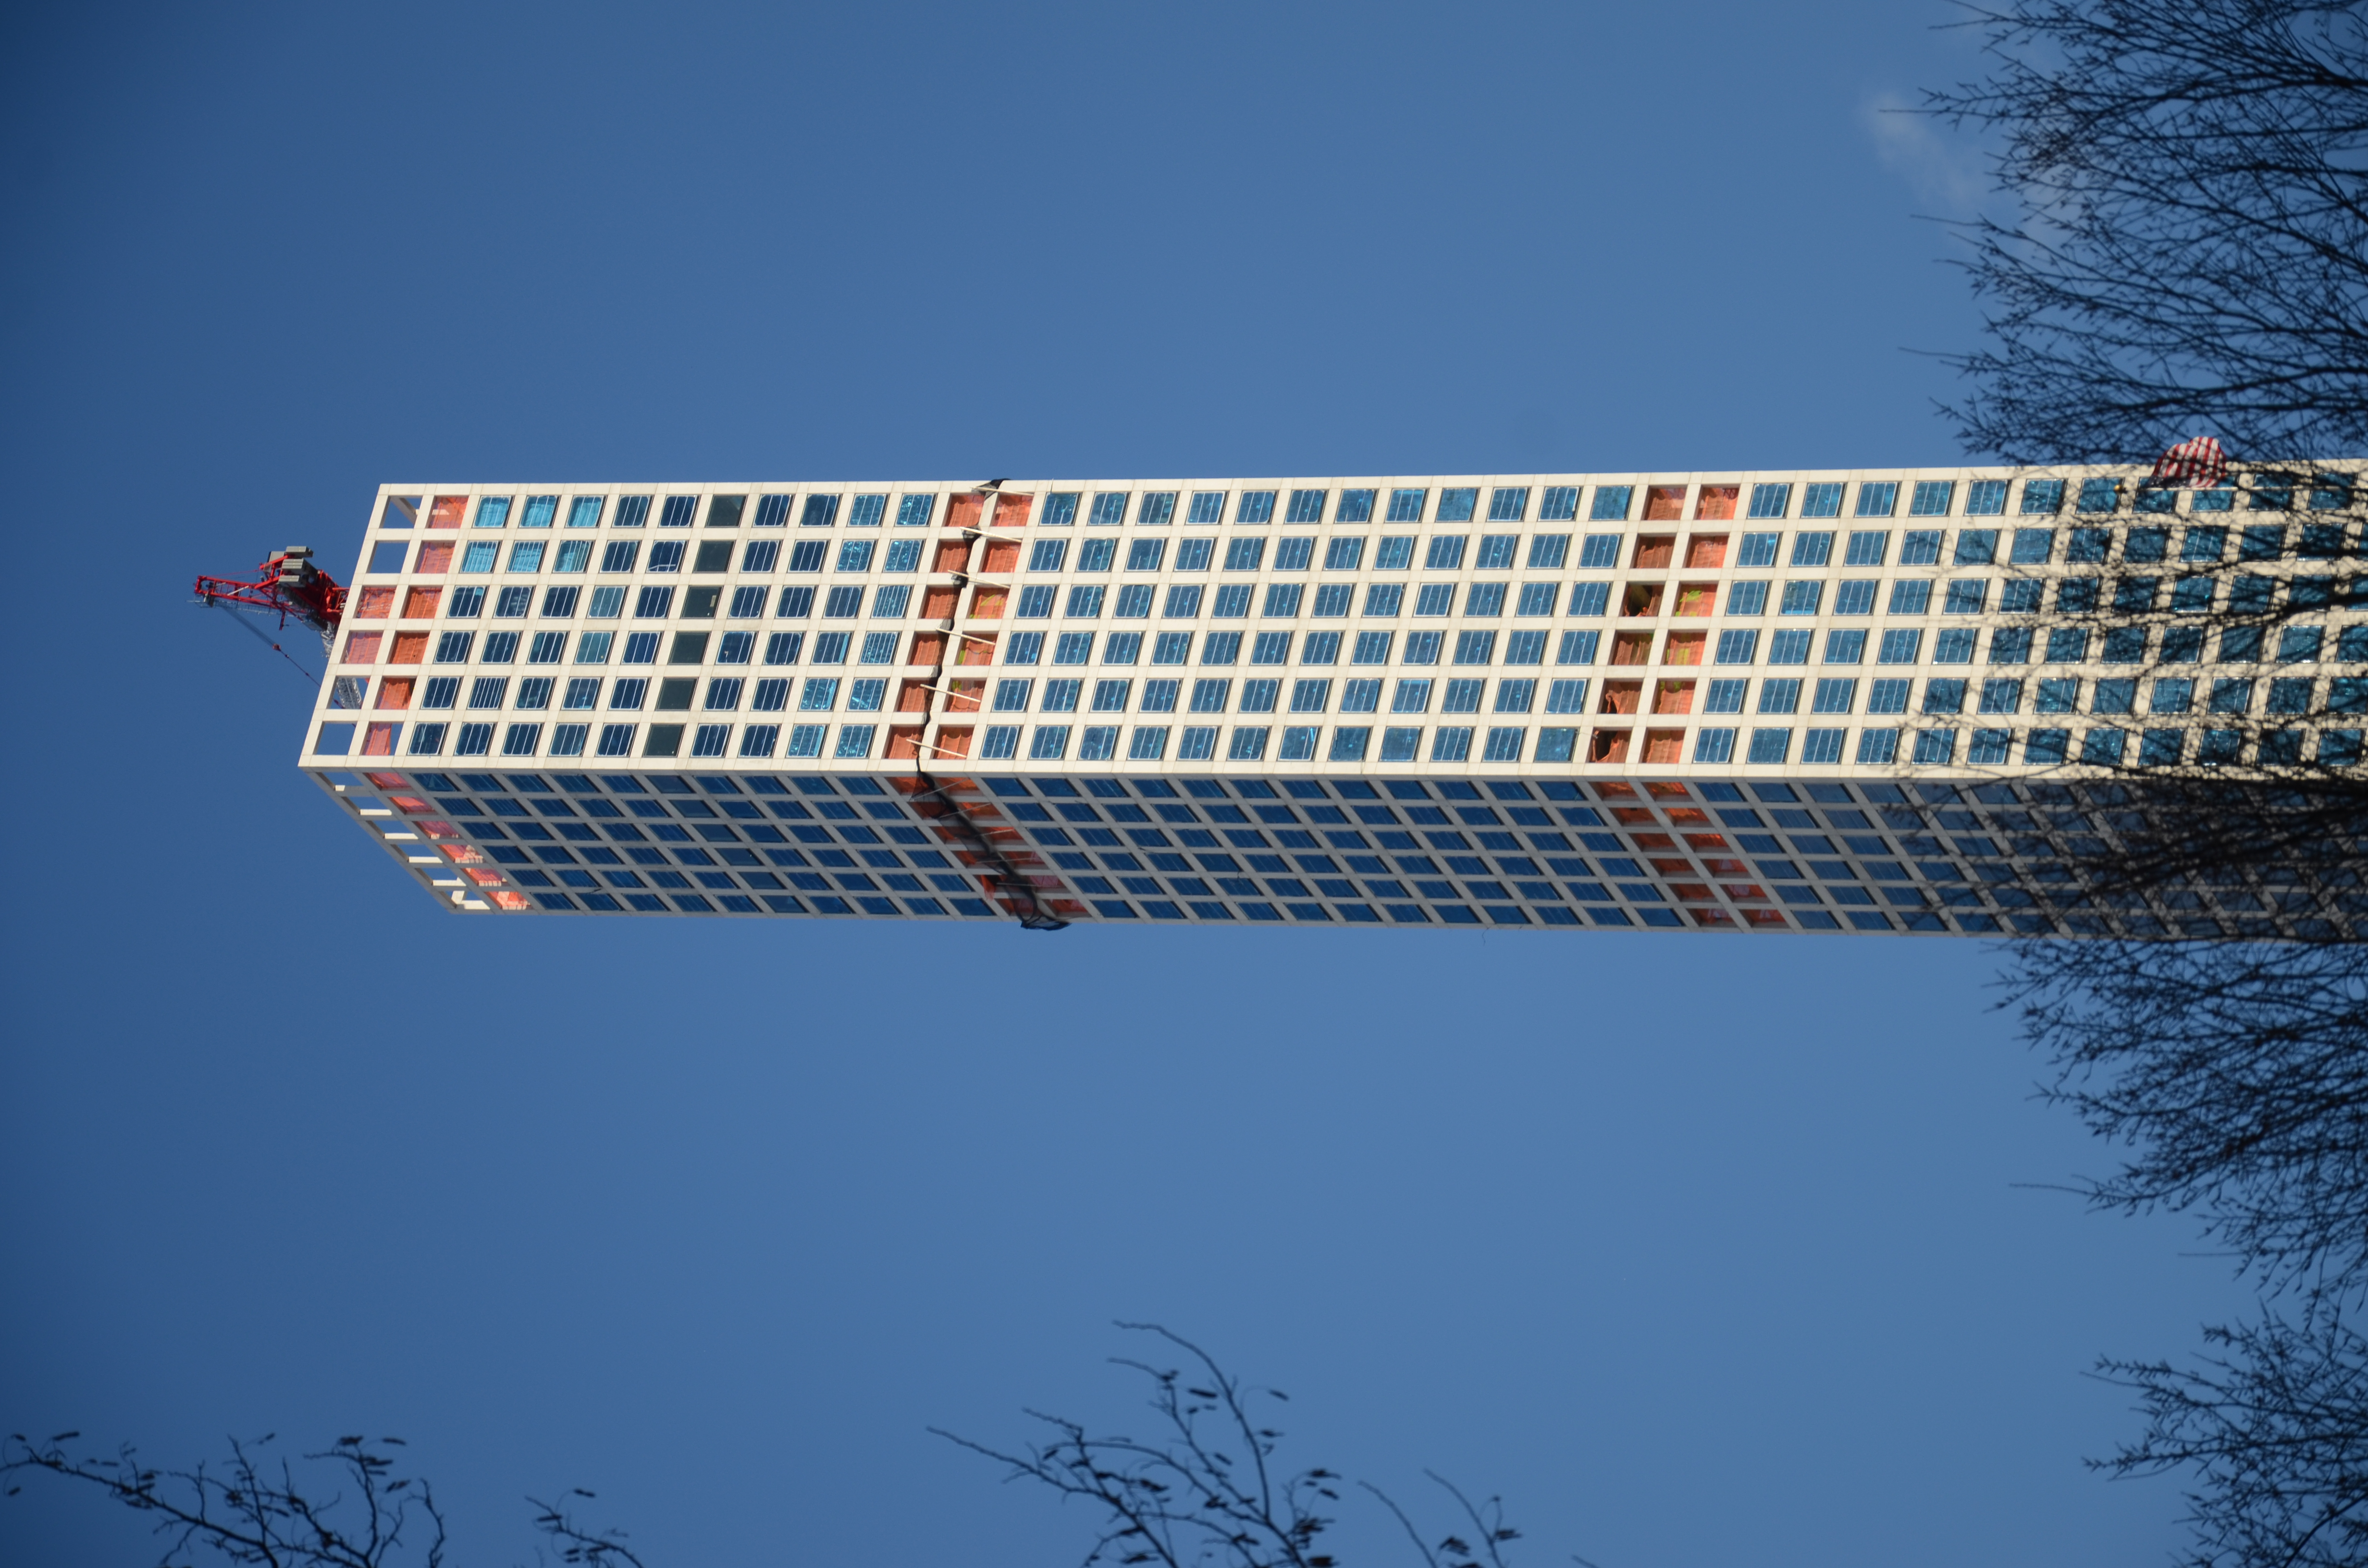 432 park avenue tower under construction 2015 jpg. Black Bedroom Furniture Sets. Home Design Ideas